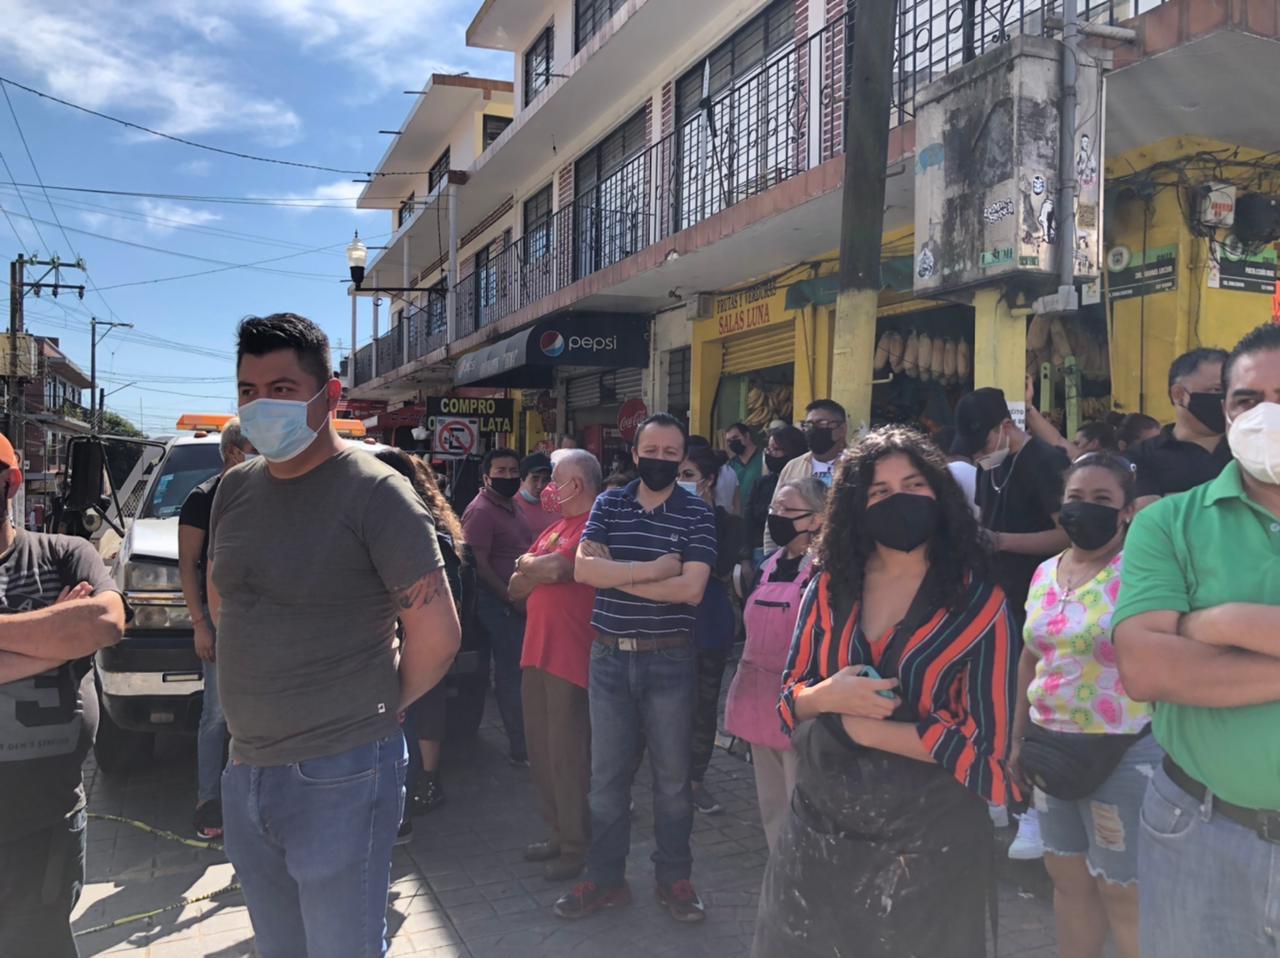 Comerciantes establecidos y ambulantes exigen que se recorran bloqueos para entrar al centro